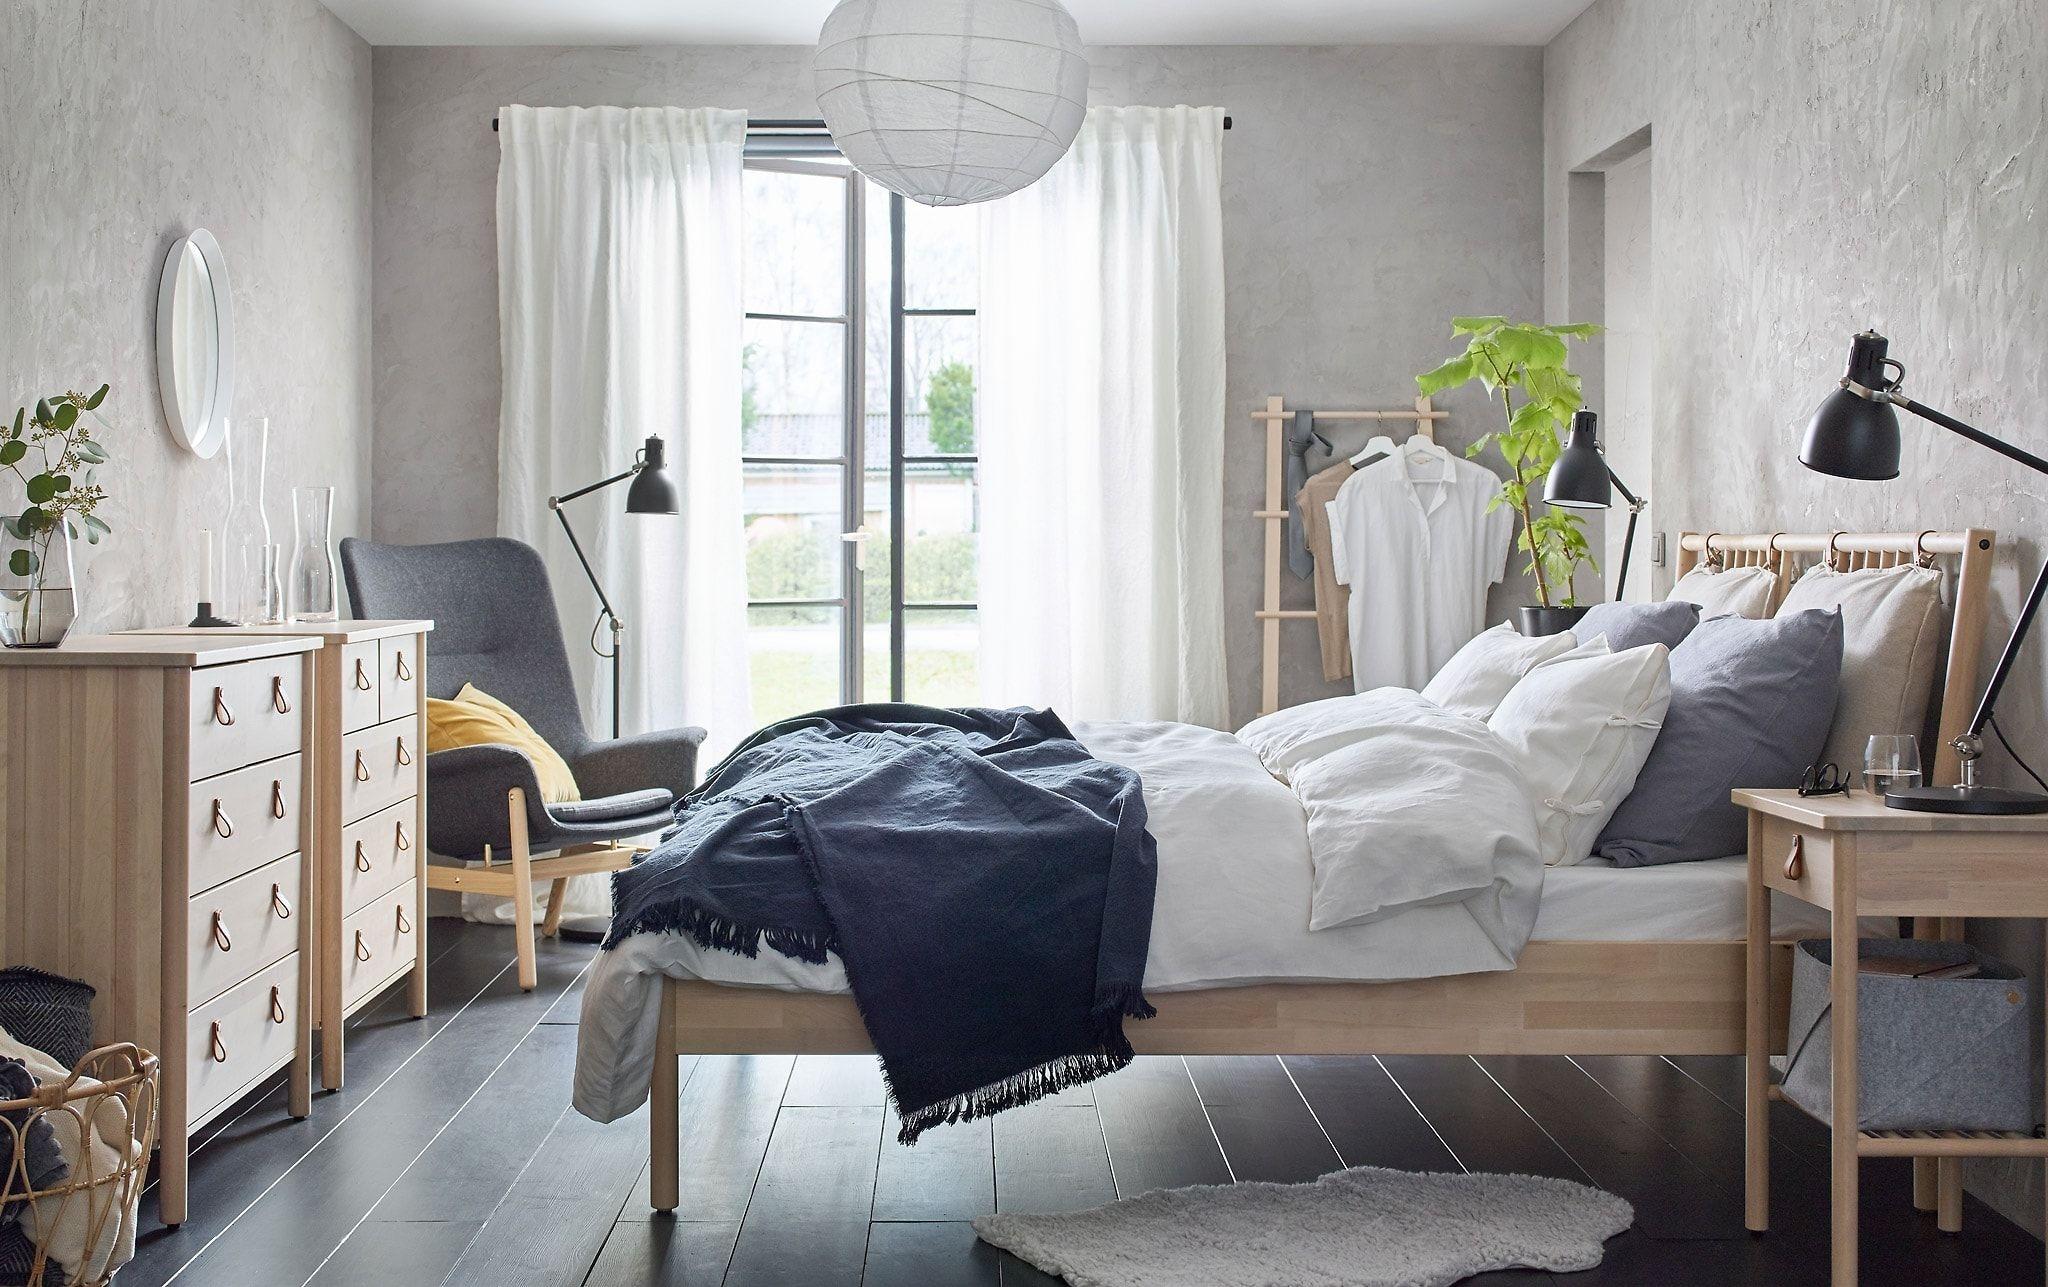 wooden bedroom design ideas